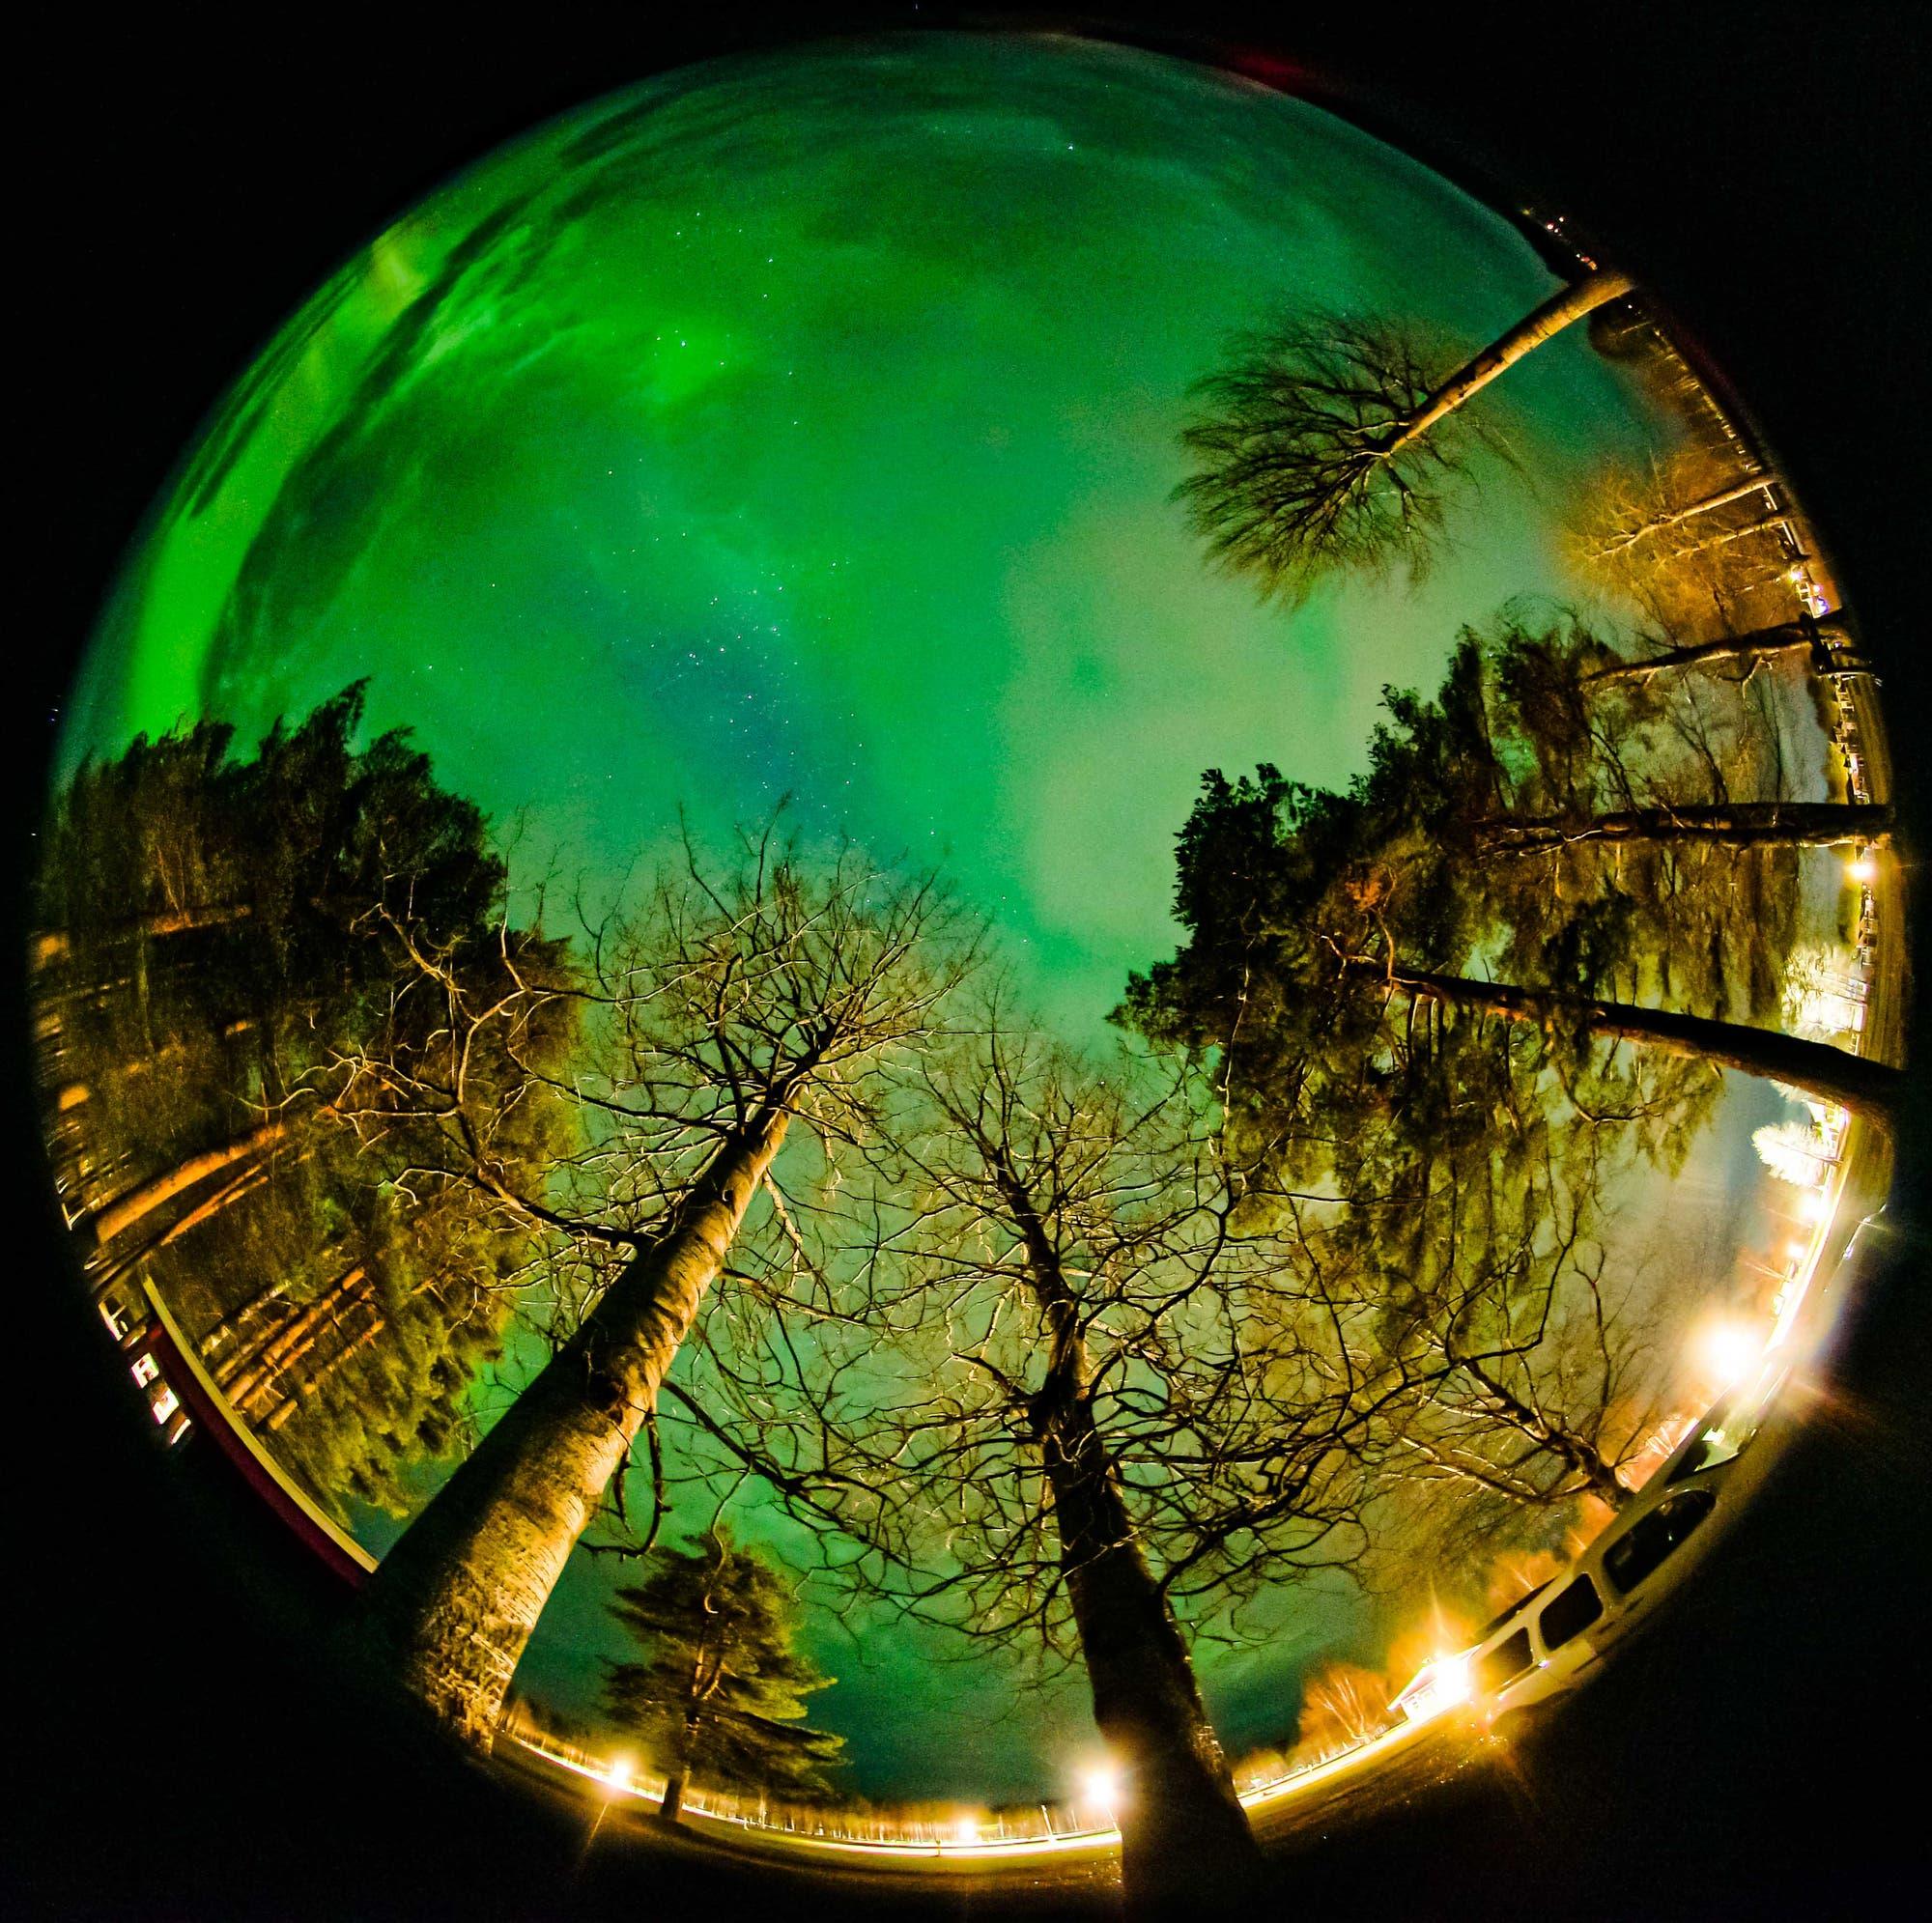 Grüner Himmel in Schweden